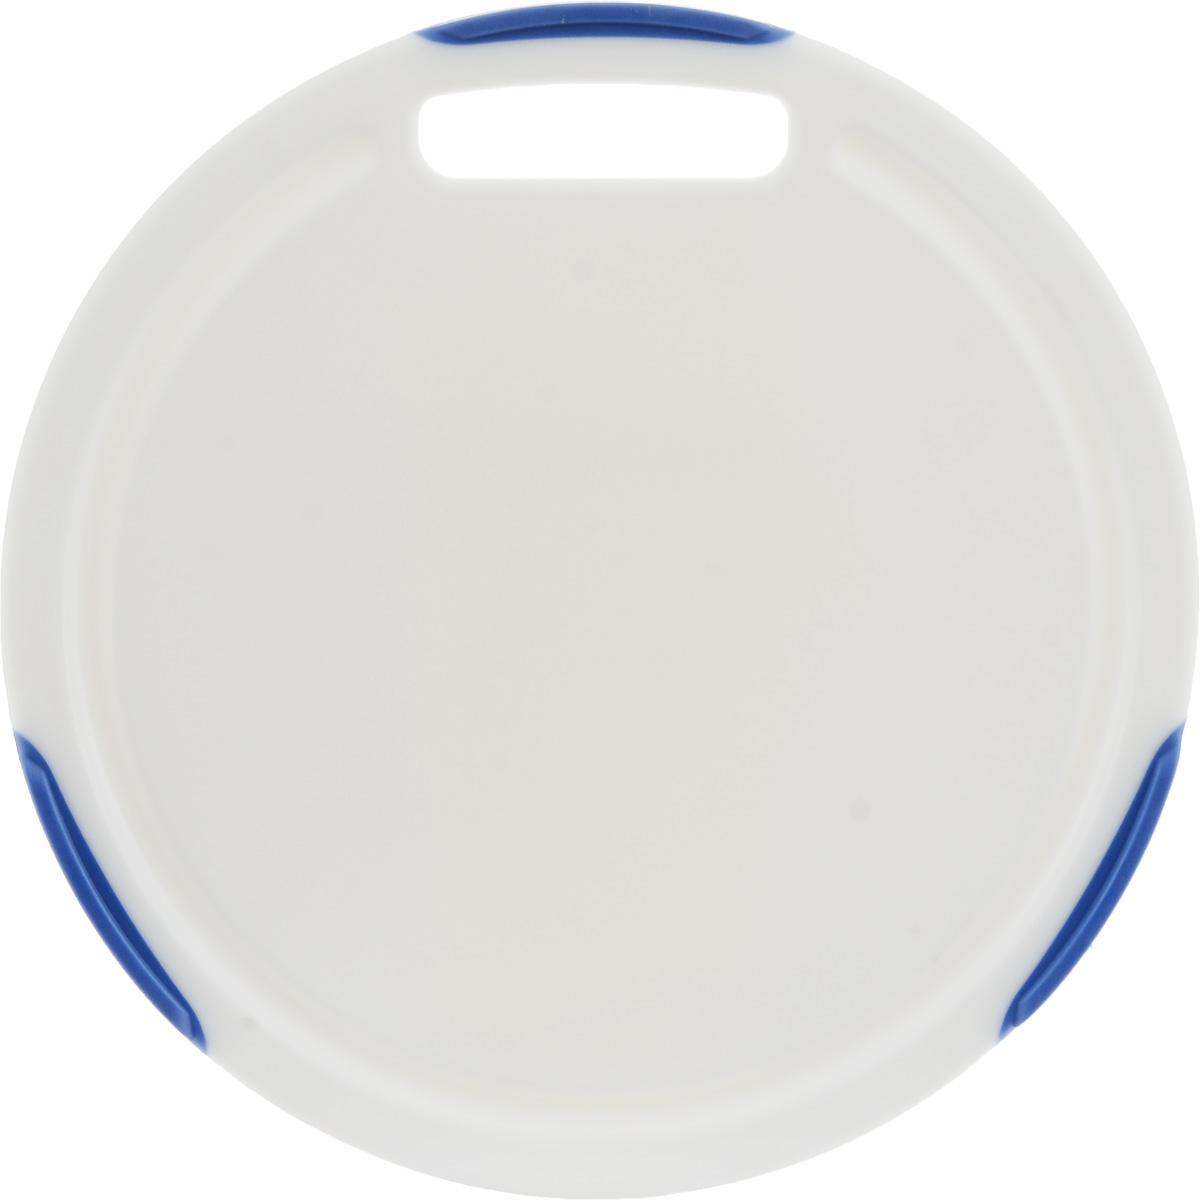 Доска разделочная Tescoma Cosmo, круглая, цвет: белый, синий, диаметр 24 см379230Круглая разделочная доска Tescoma Cosmo, изготовленная из высококачественного прочного пластика, станет незаменимым атрибутом приготовления пищи. Она идеально подходит для разделки мяса, рыбы, приготовления теста и нарезки любых продуктов. А особый дизайн краев с желобком способствует задерживанию жидкостей и остатков продуктов. Изделие оснащено прорезиненными цветными вставками для предотвращения скольжения по столу. Доска предназначена для ежедневного интенсивного использования. Современный стильный дизайн и функциональность разделочной доски Tescoma Cosmo позволит занять ей достойное место на вашей кухне. Можно мыть в посудомоечной машине. Диаметр доски: 24 см.